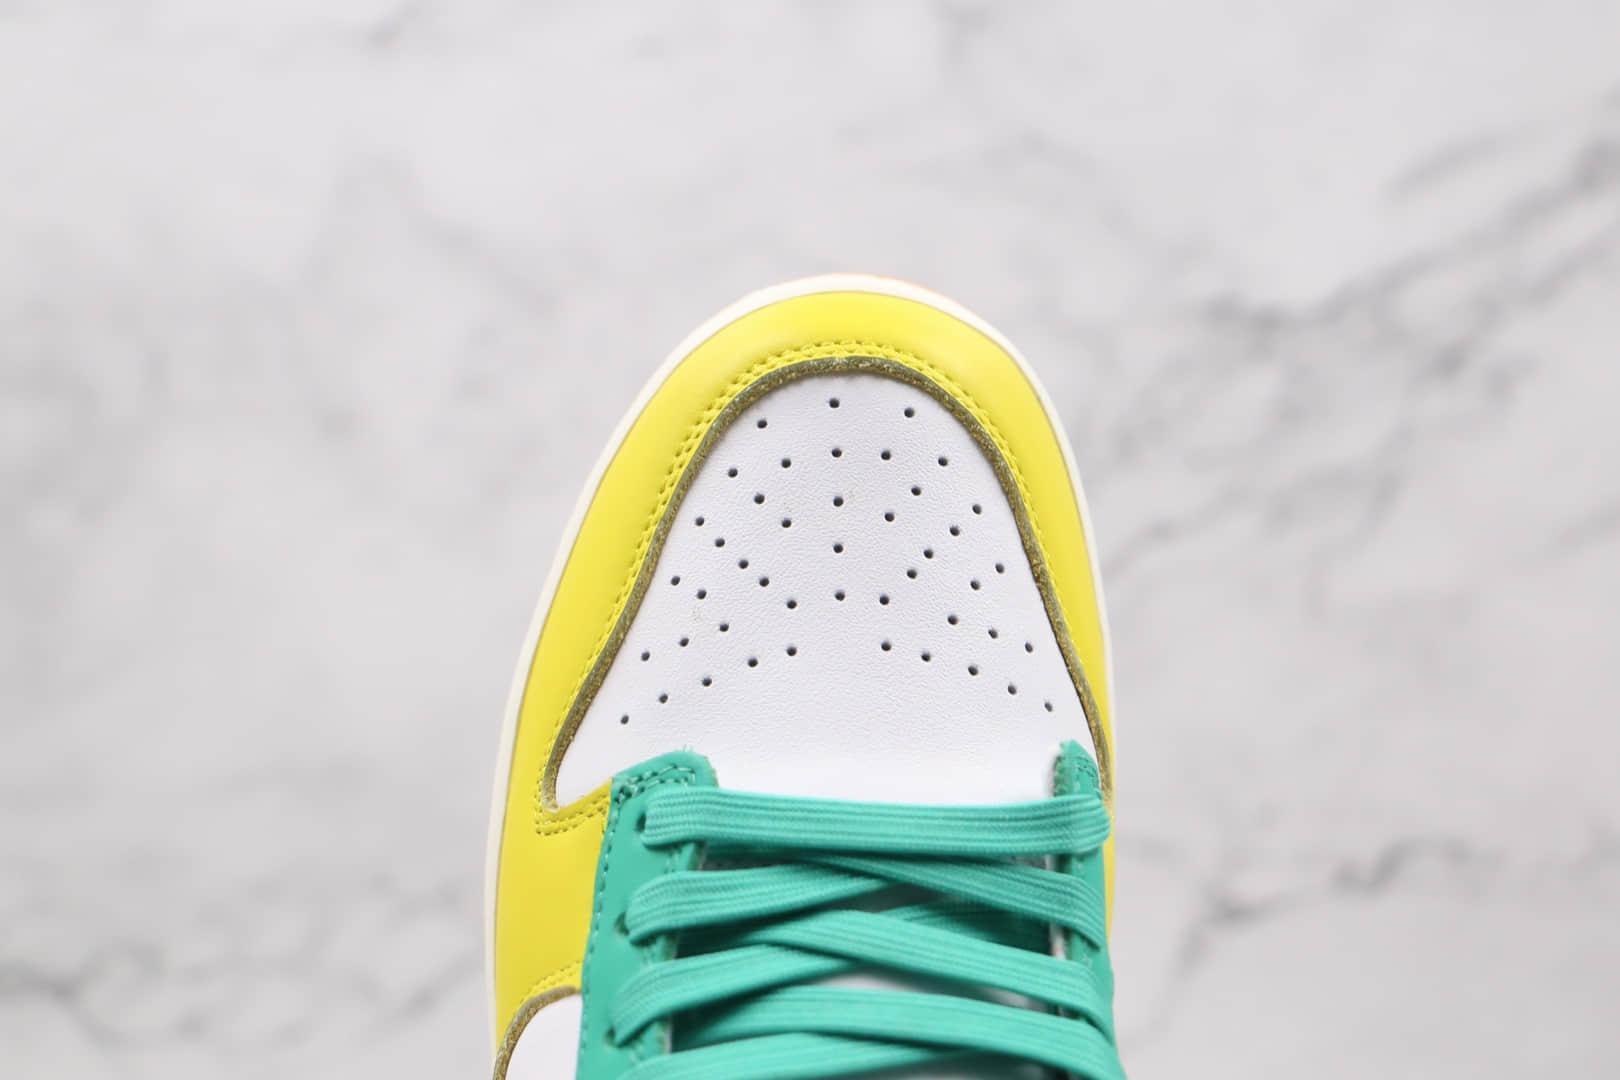 耐克Nike SB Low Free 99纯原版本低帮SB DUNK彩色鸳鸯拼接板鞋内置Zoom气垫 货号:DH0952-100